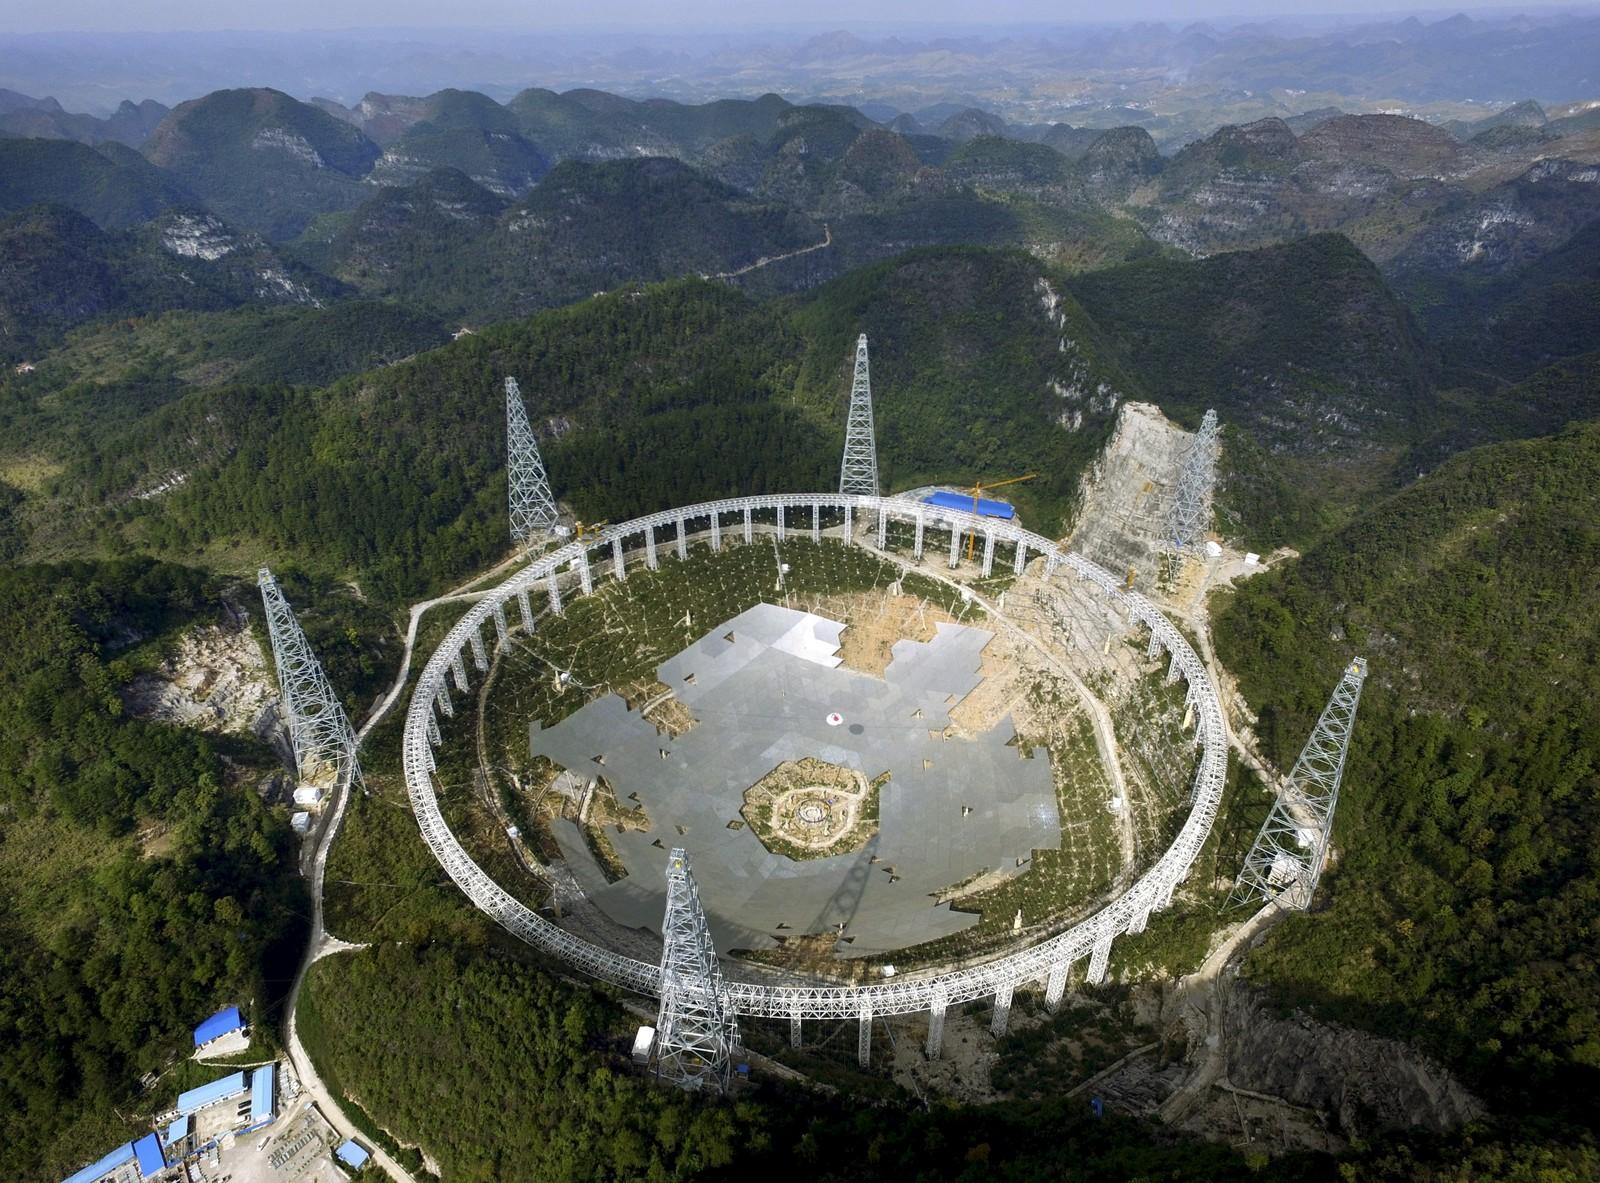 Teleskopet FAST begynner å ta form i fjellene i Guizhou-provinsen i Kina. Med sine 500 meter i diameter blir det verdens største radio-teleskop. Går alt etter planen, blir det ferdig til september neste år. Planen er å bruke teleskopet til å lytte etter om det finnes fremmed liv andre steder i universet.